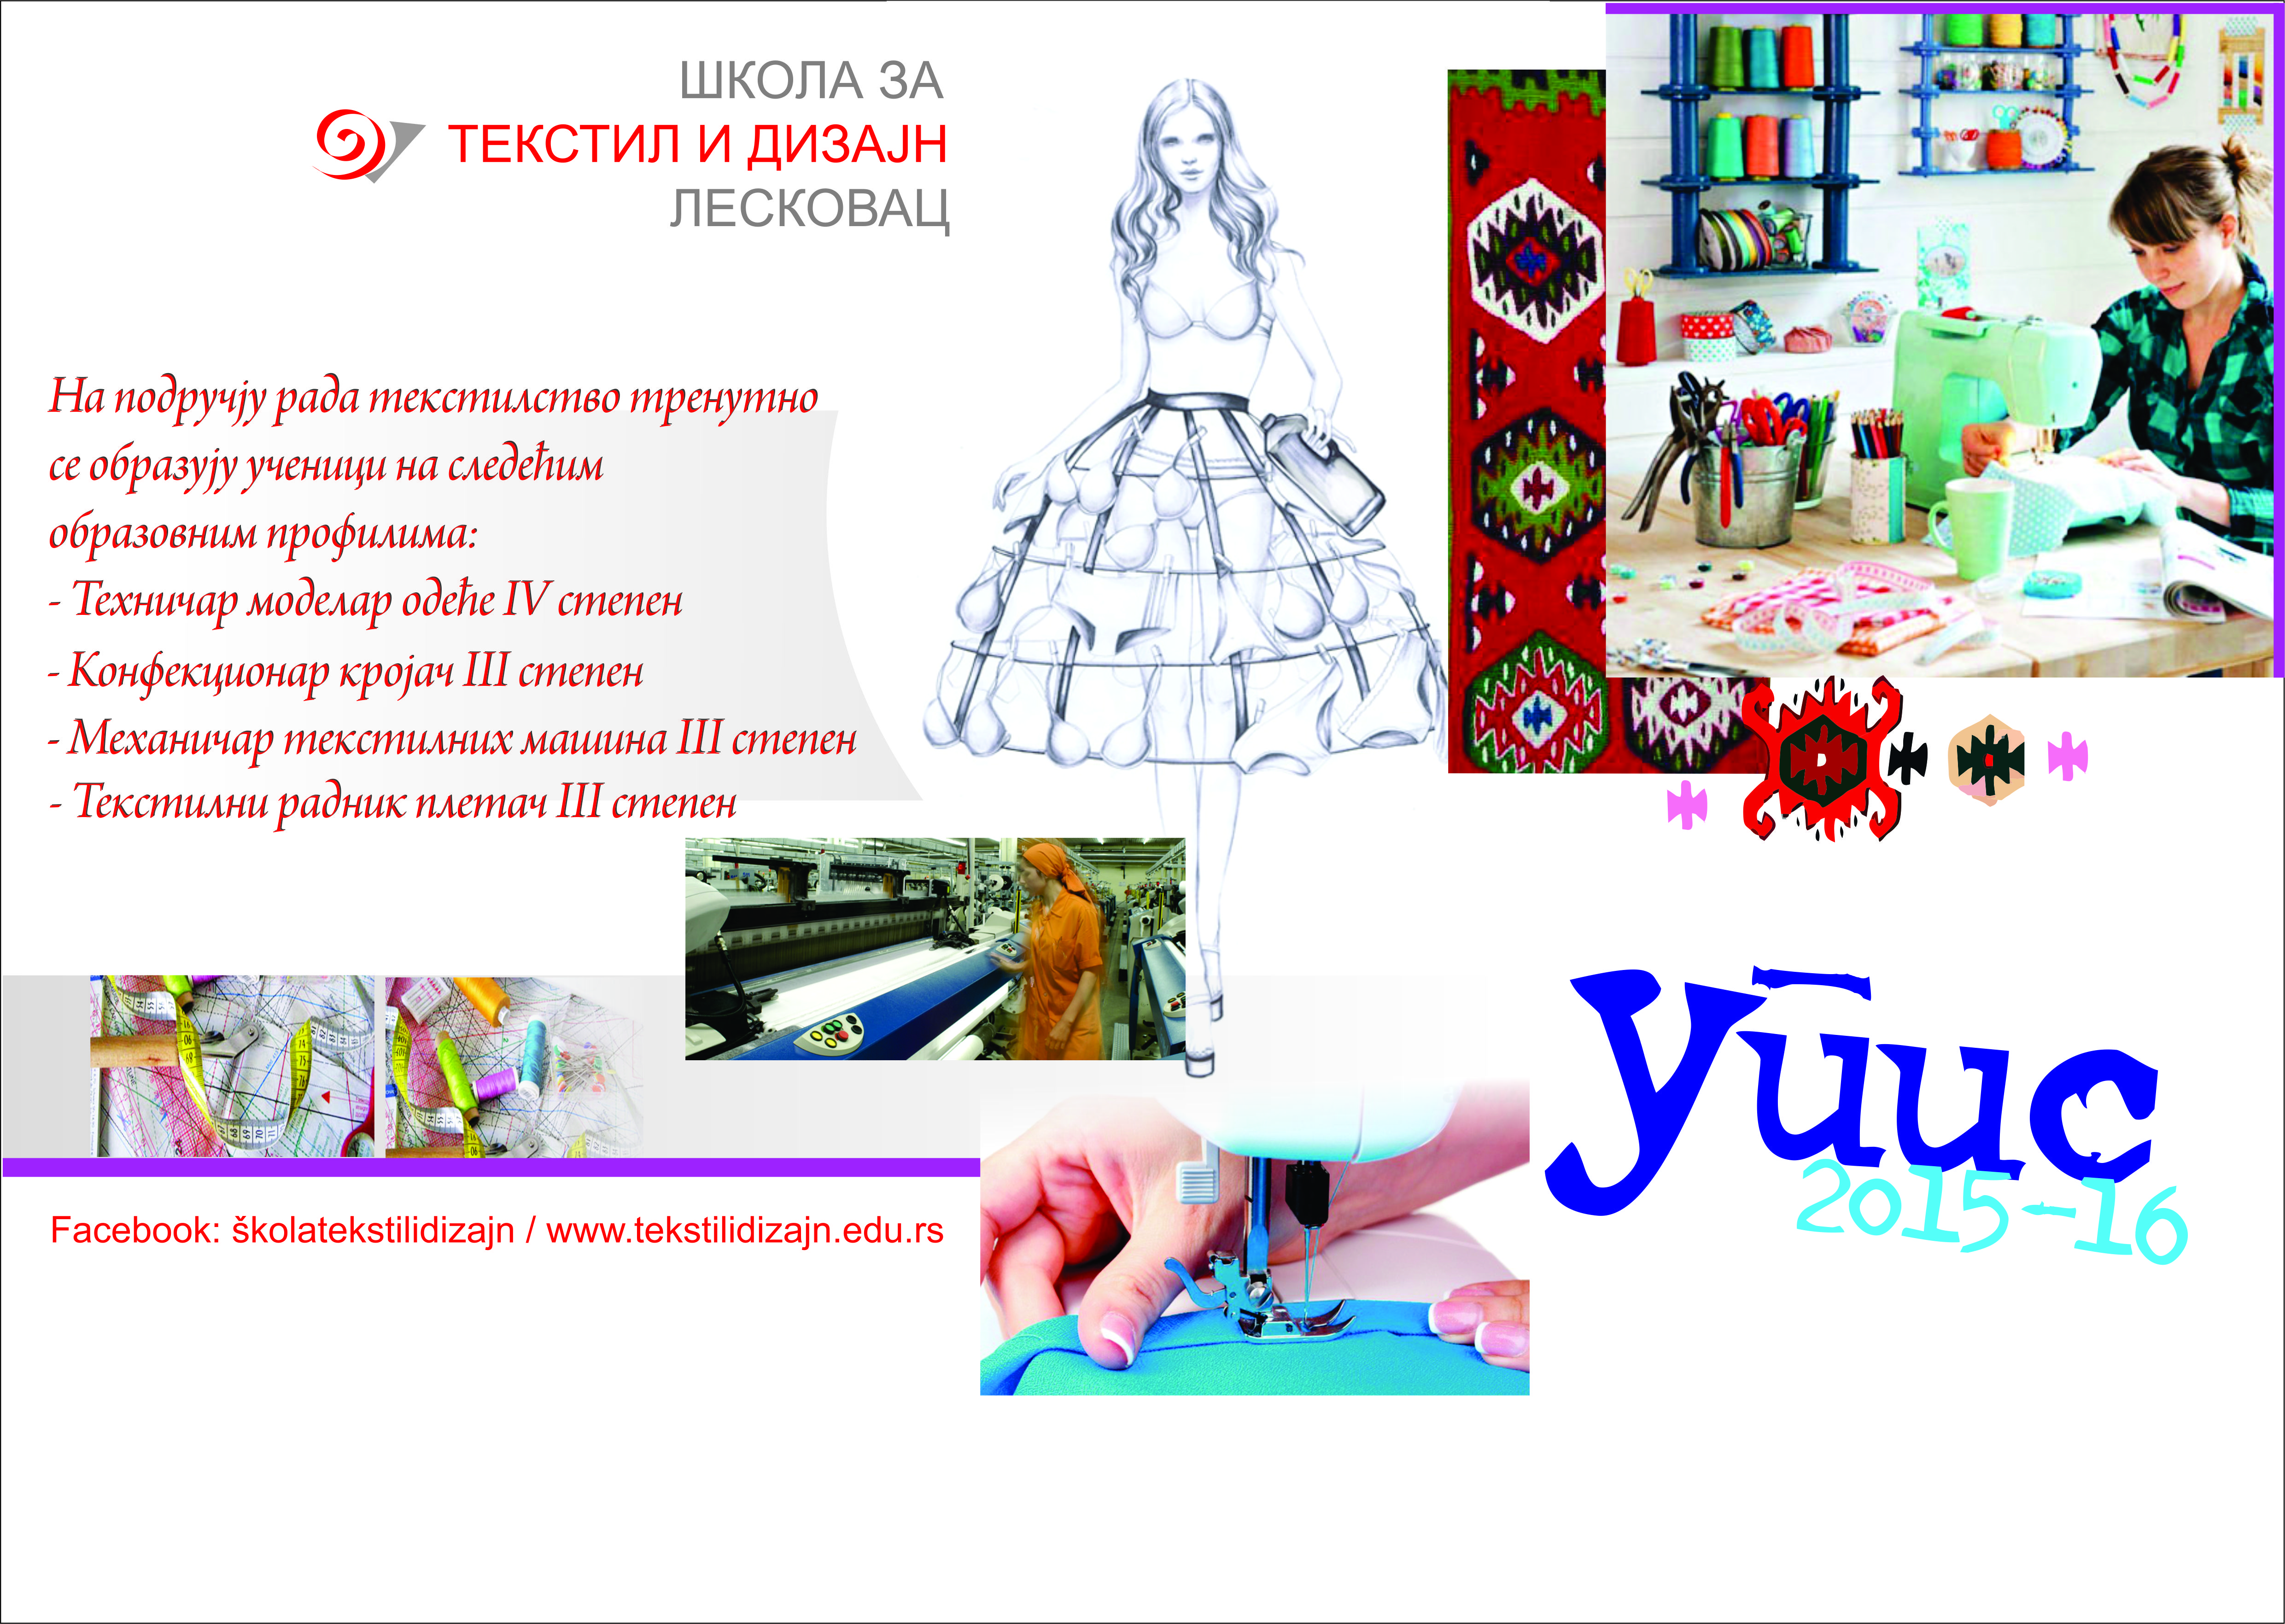 текстилство 2015-16 upis